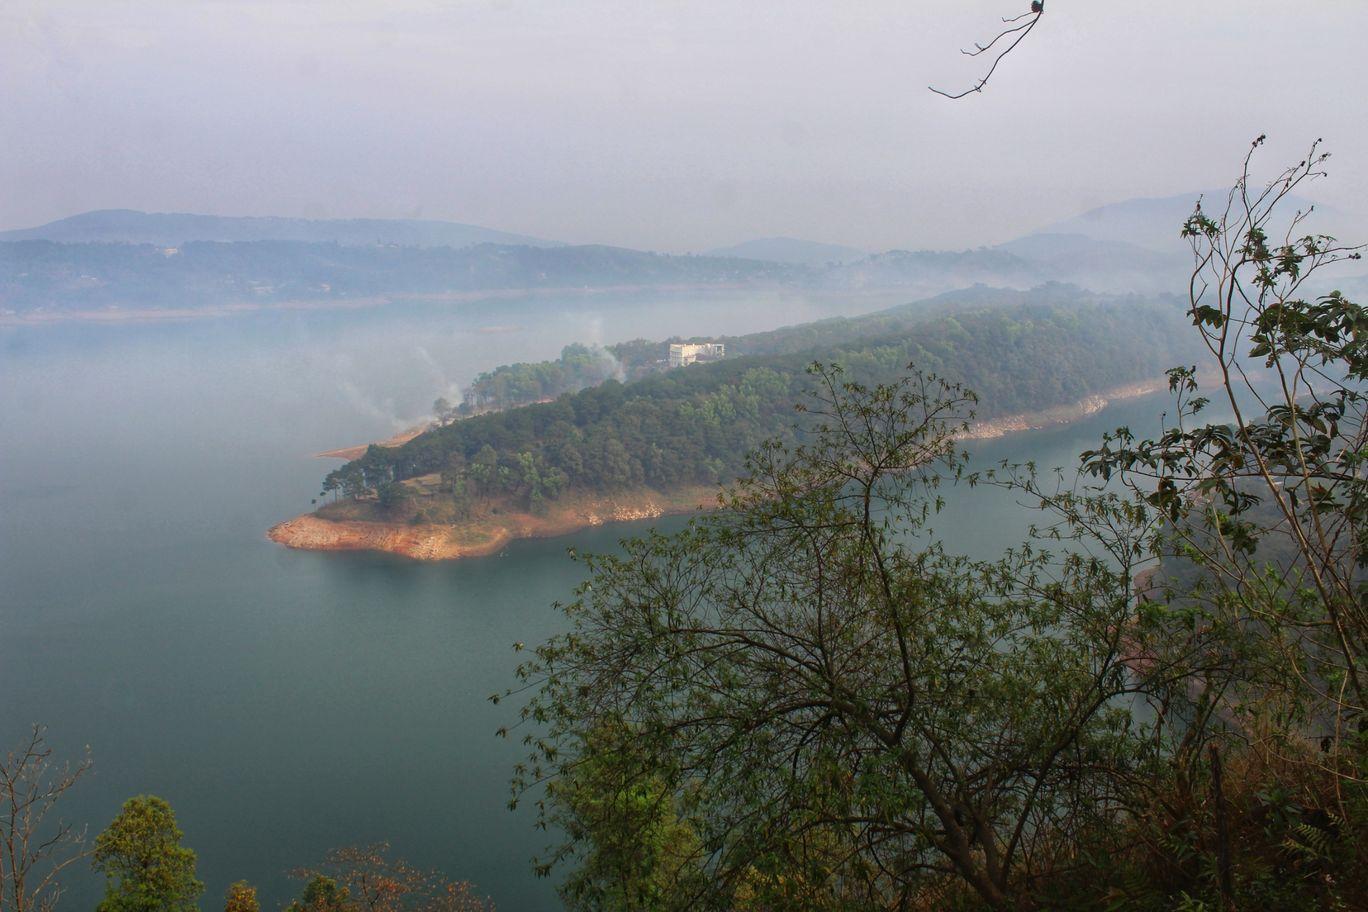 Photo of Umiam Lake By Lavina Solanki